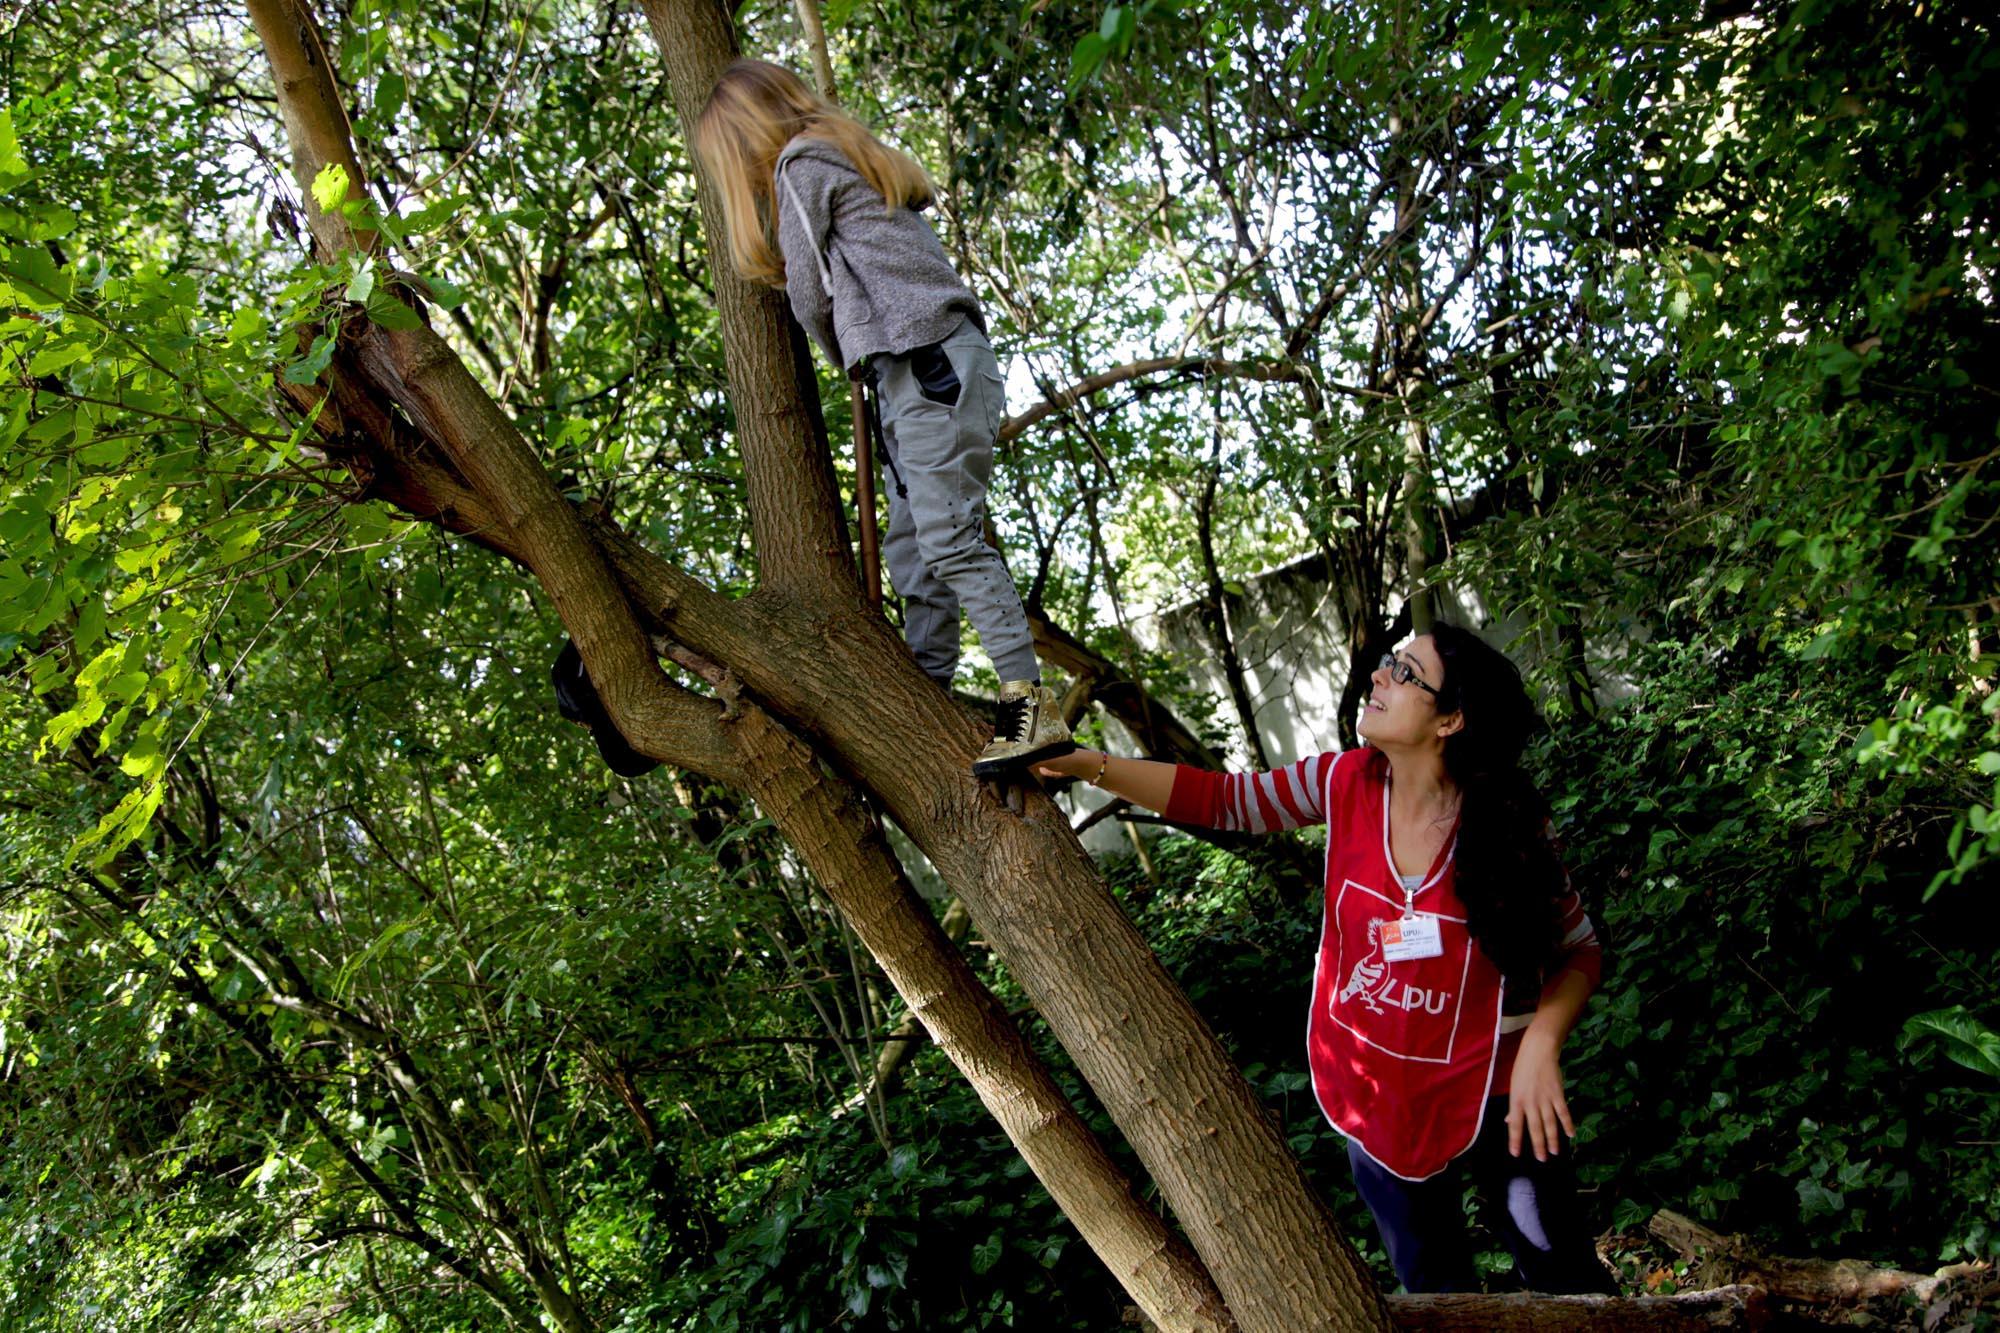 volontari lipu bambino albero - Volontari della LIPU